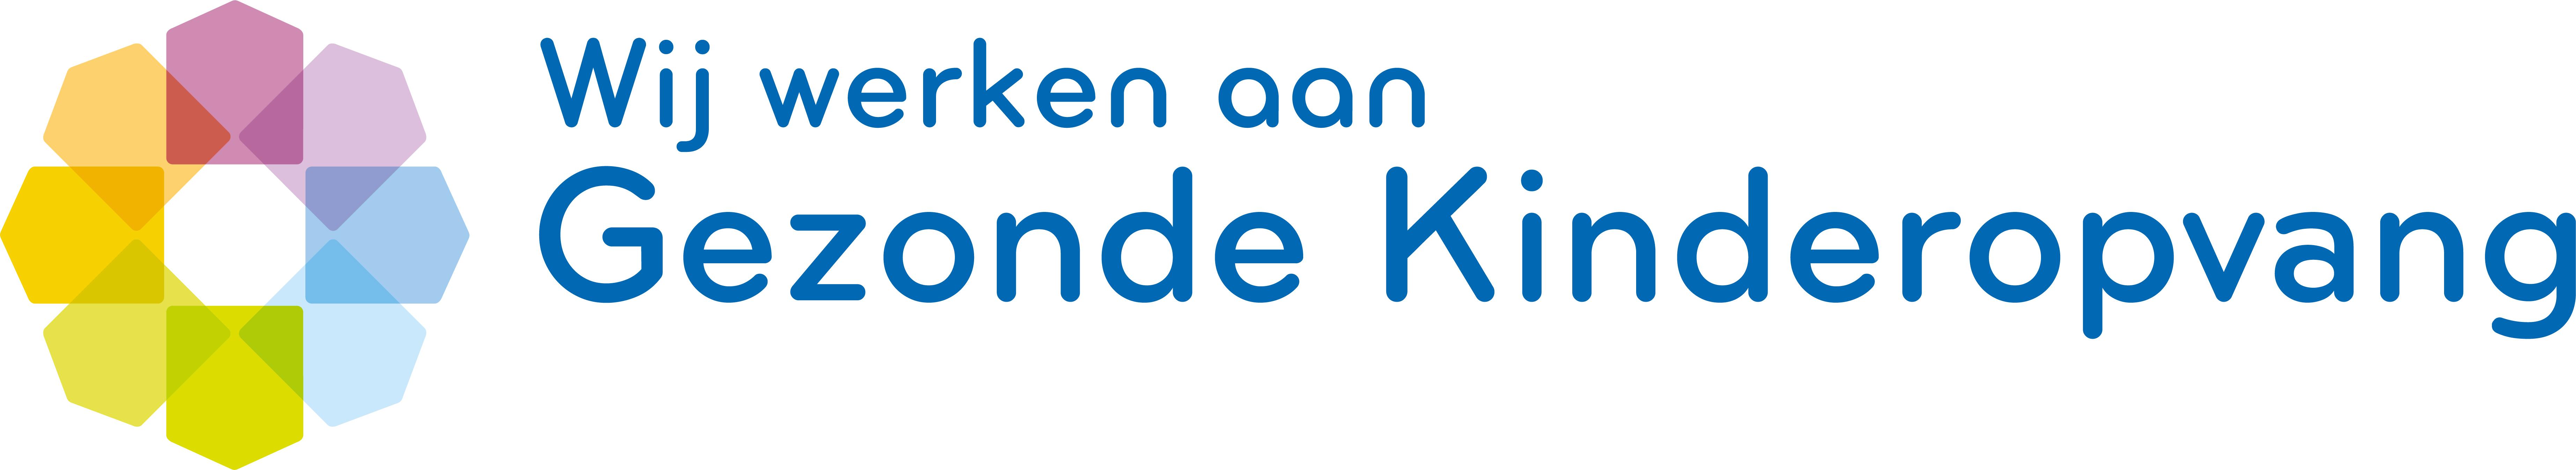 gezonde kinderopvang logo